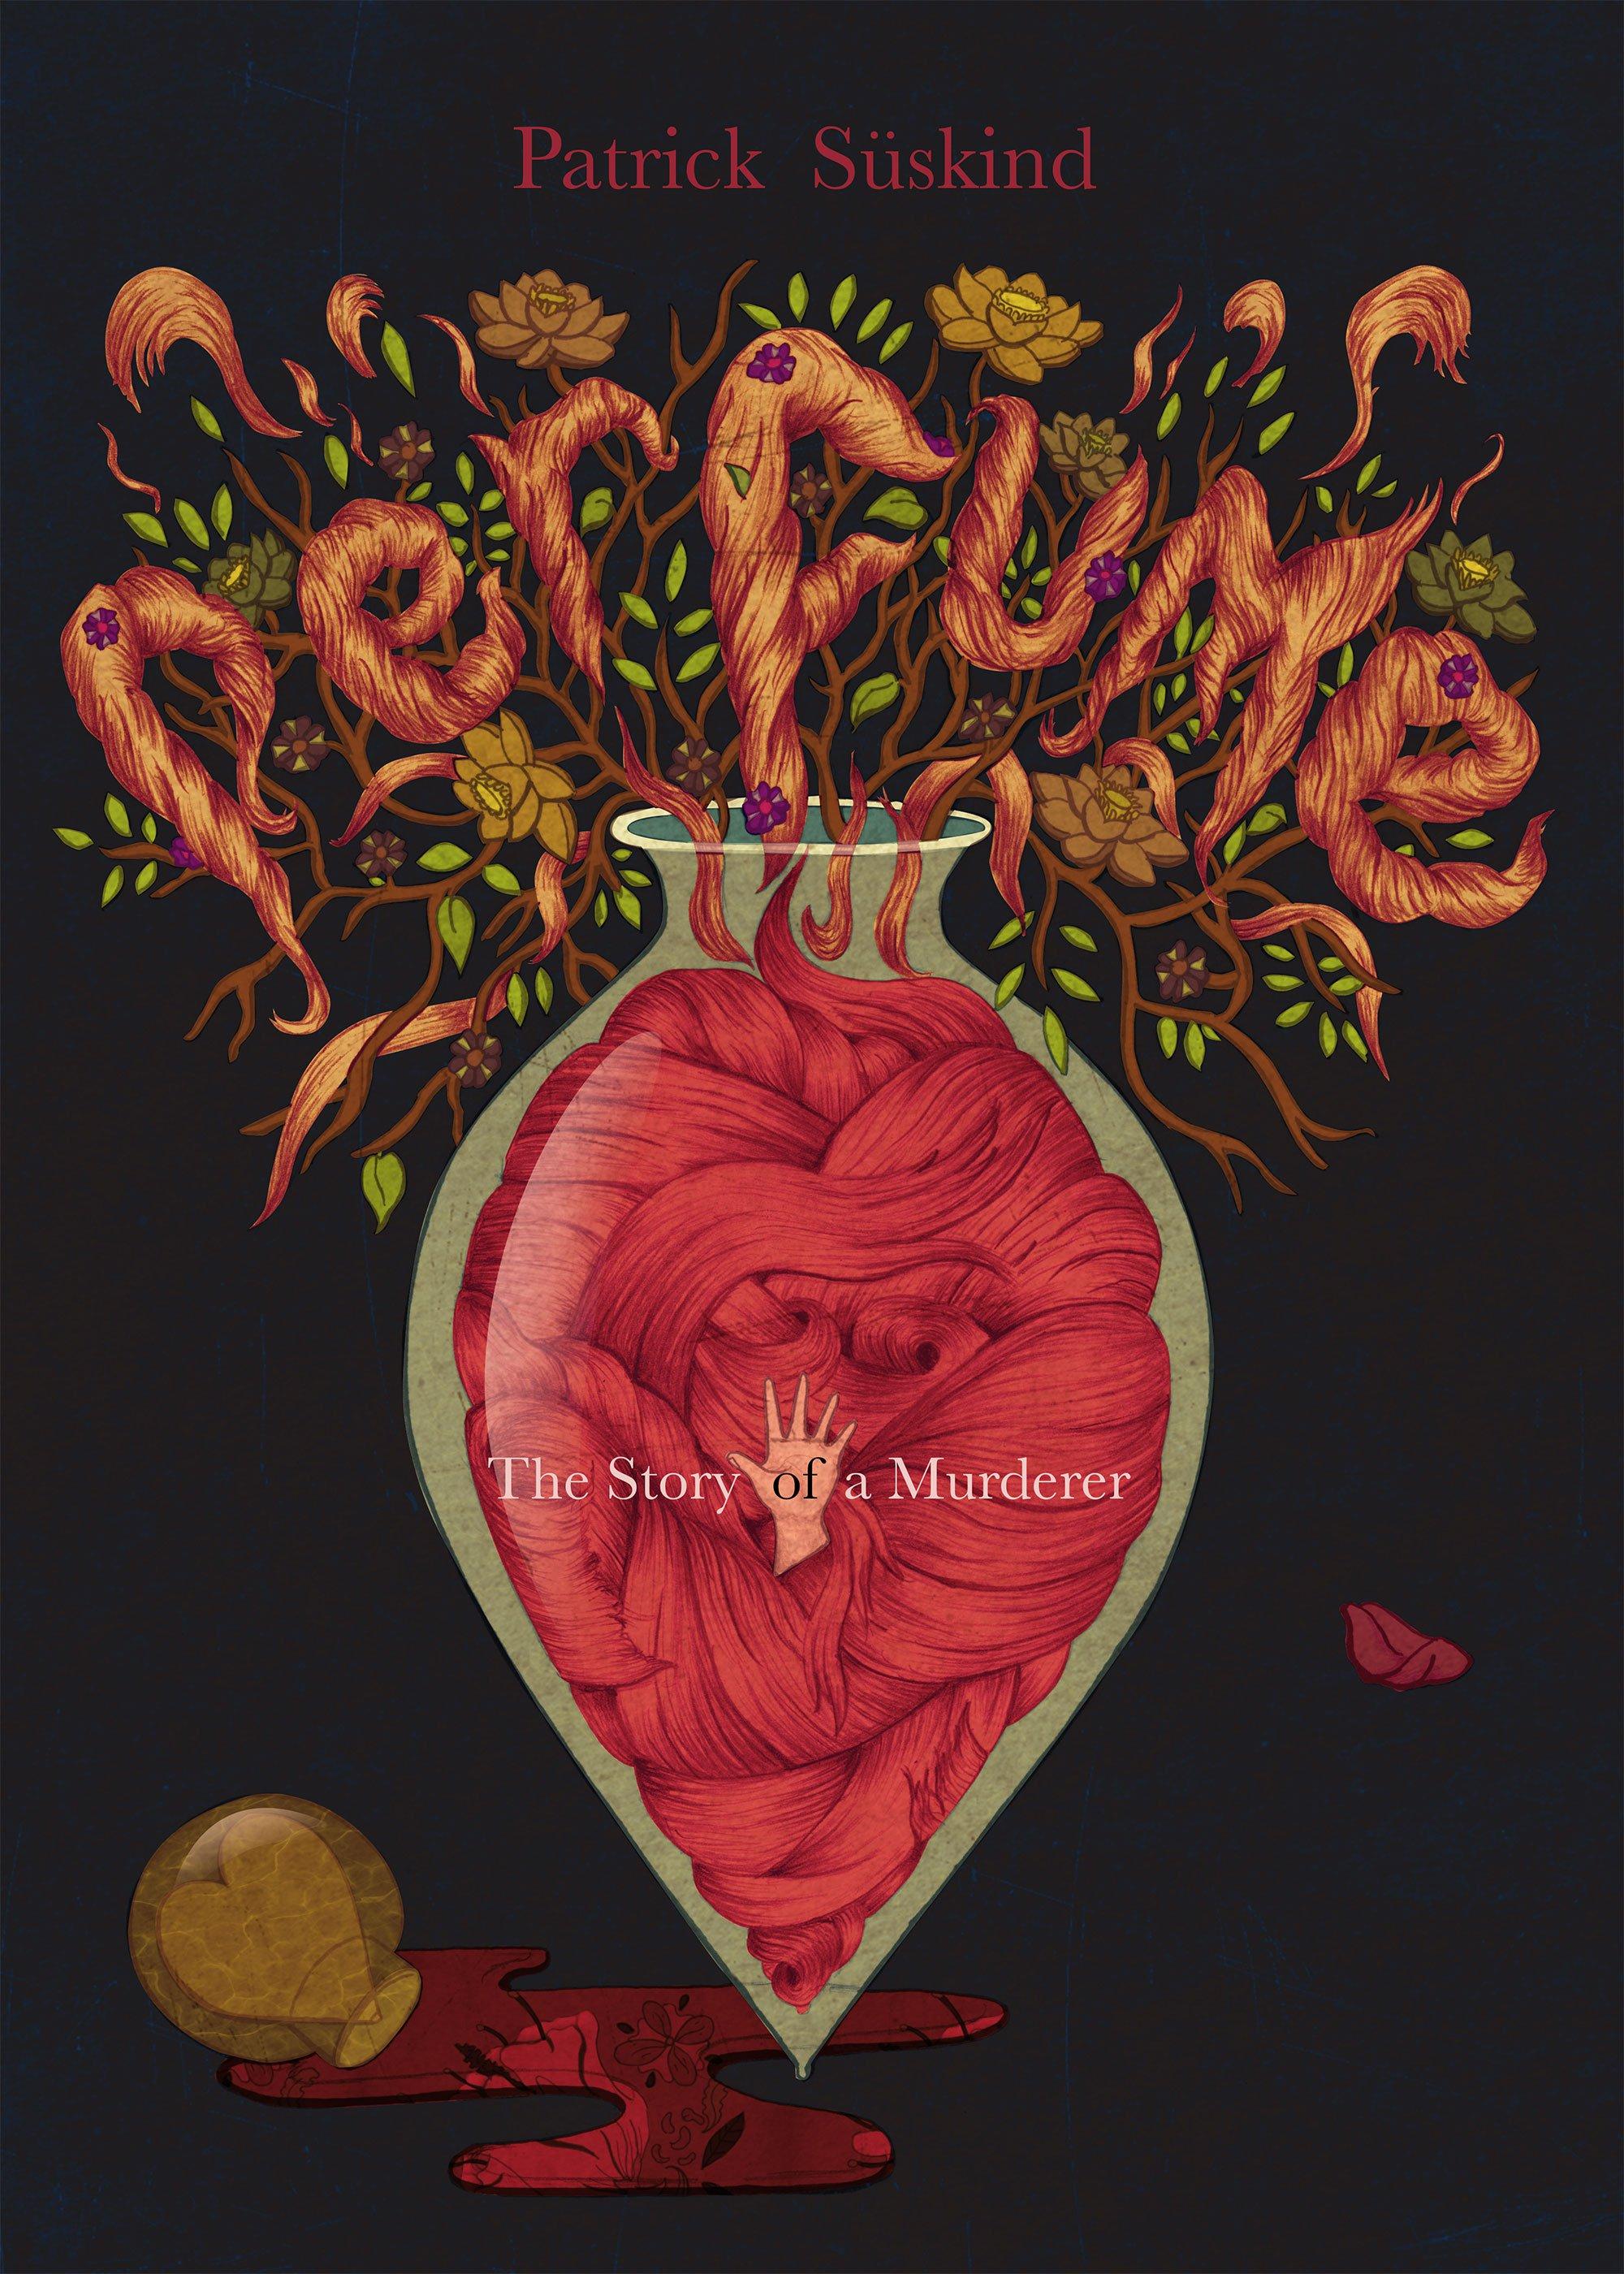 Connaissez-vous le livre Le Parfum de Patrick Süskind ?